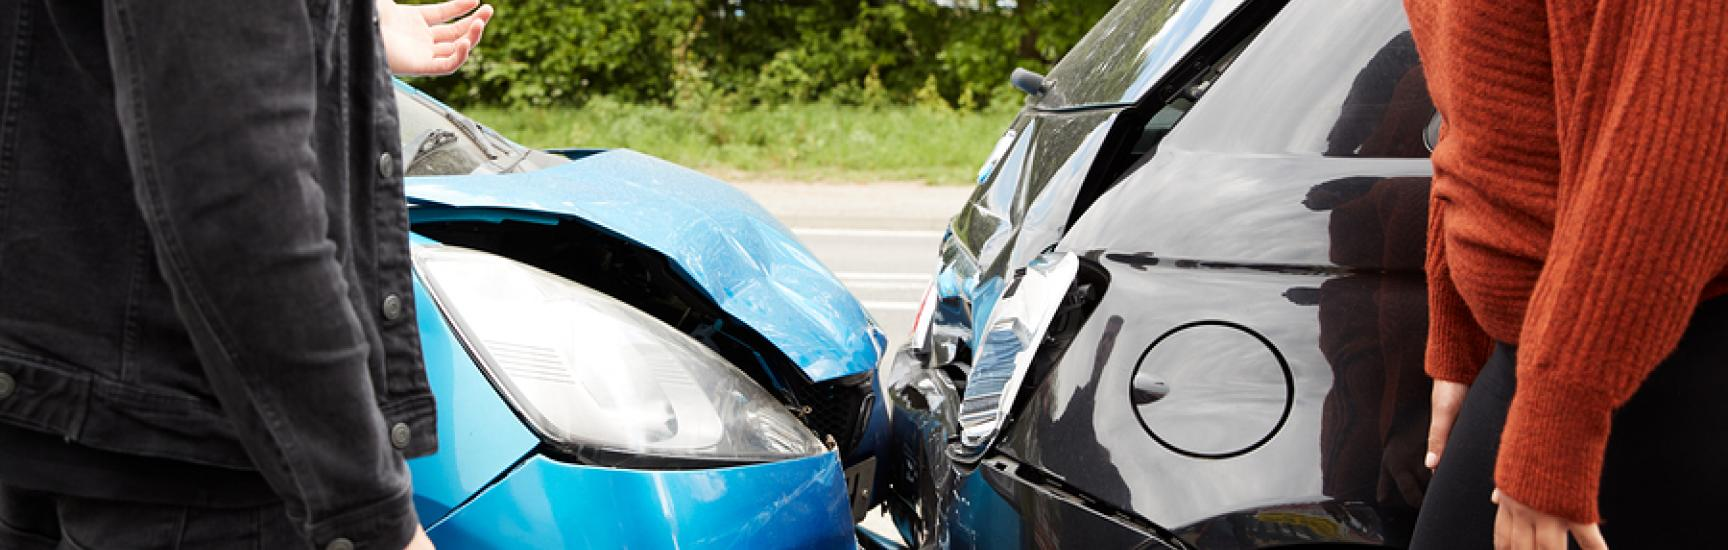 car crash blue and black car